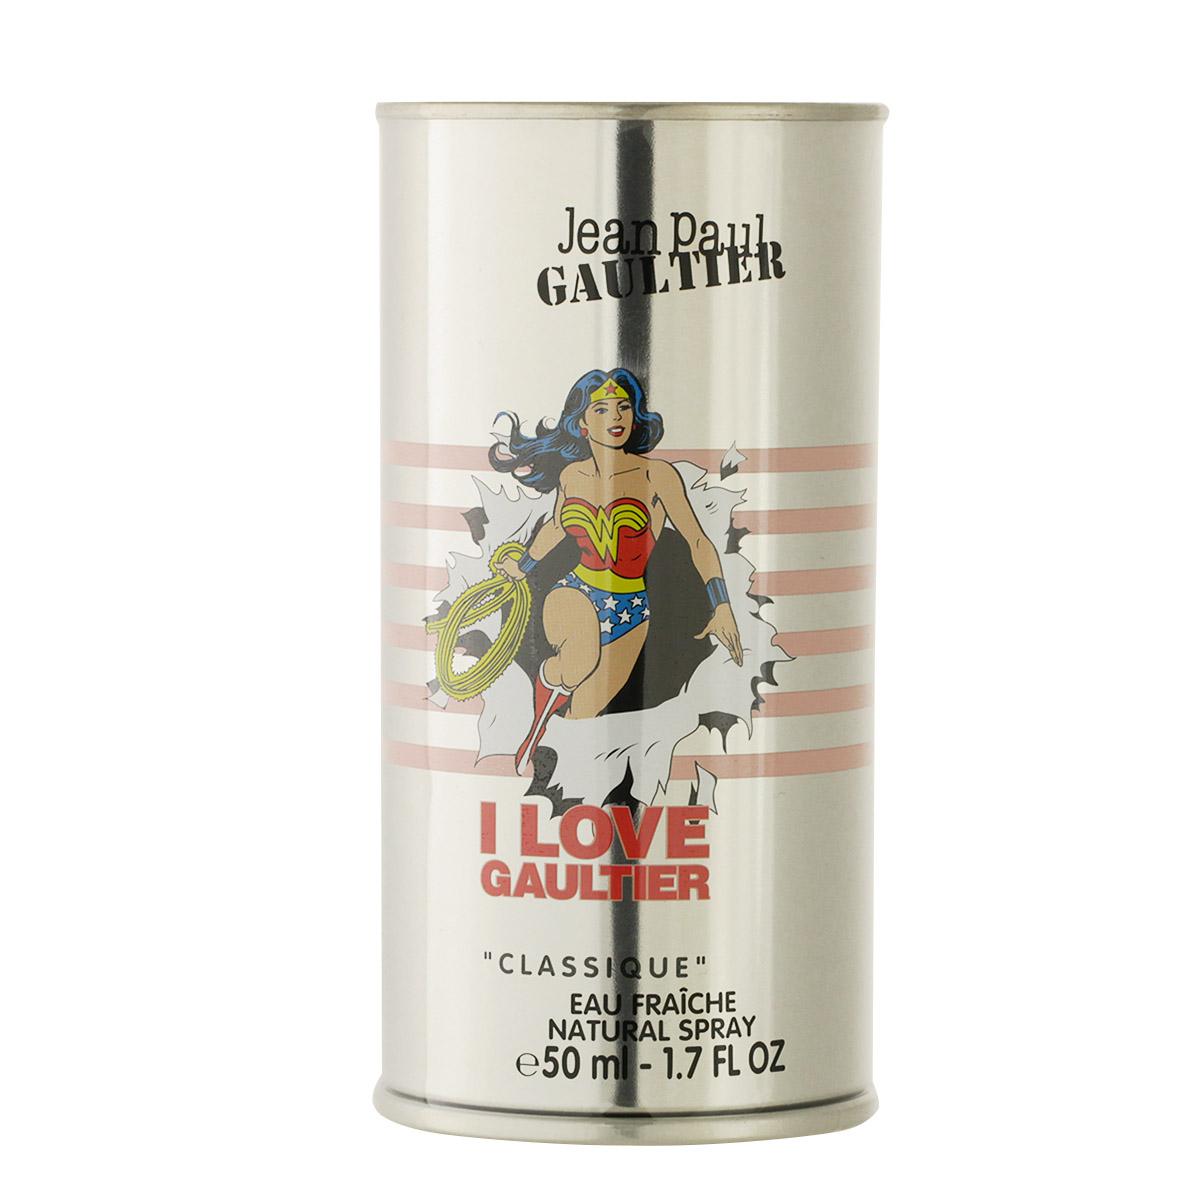 Jean Paul Gaultier Classique Wonder Woman Eau Fraîche EDT 50 ml